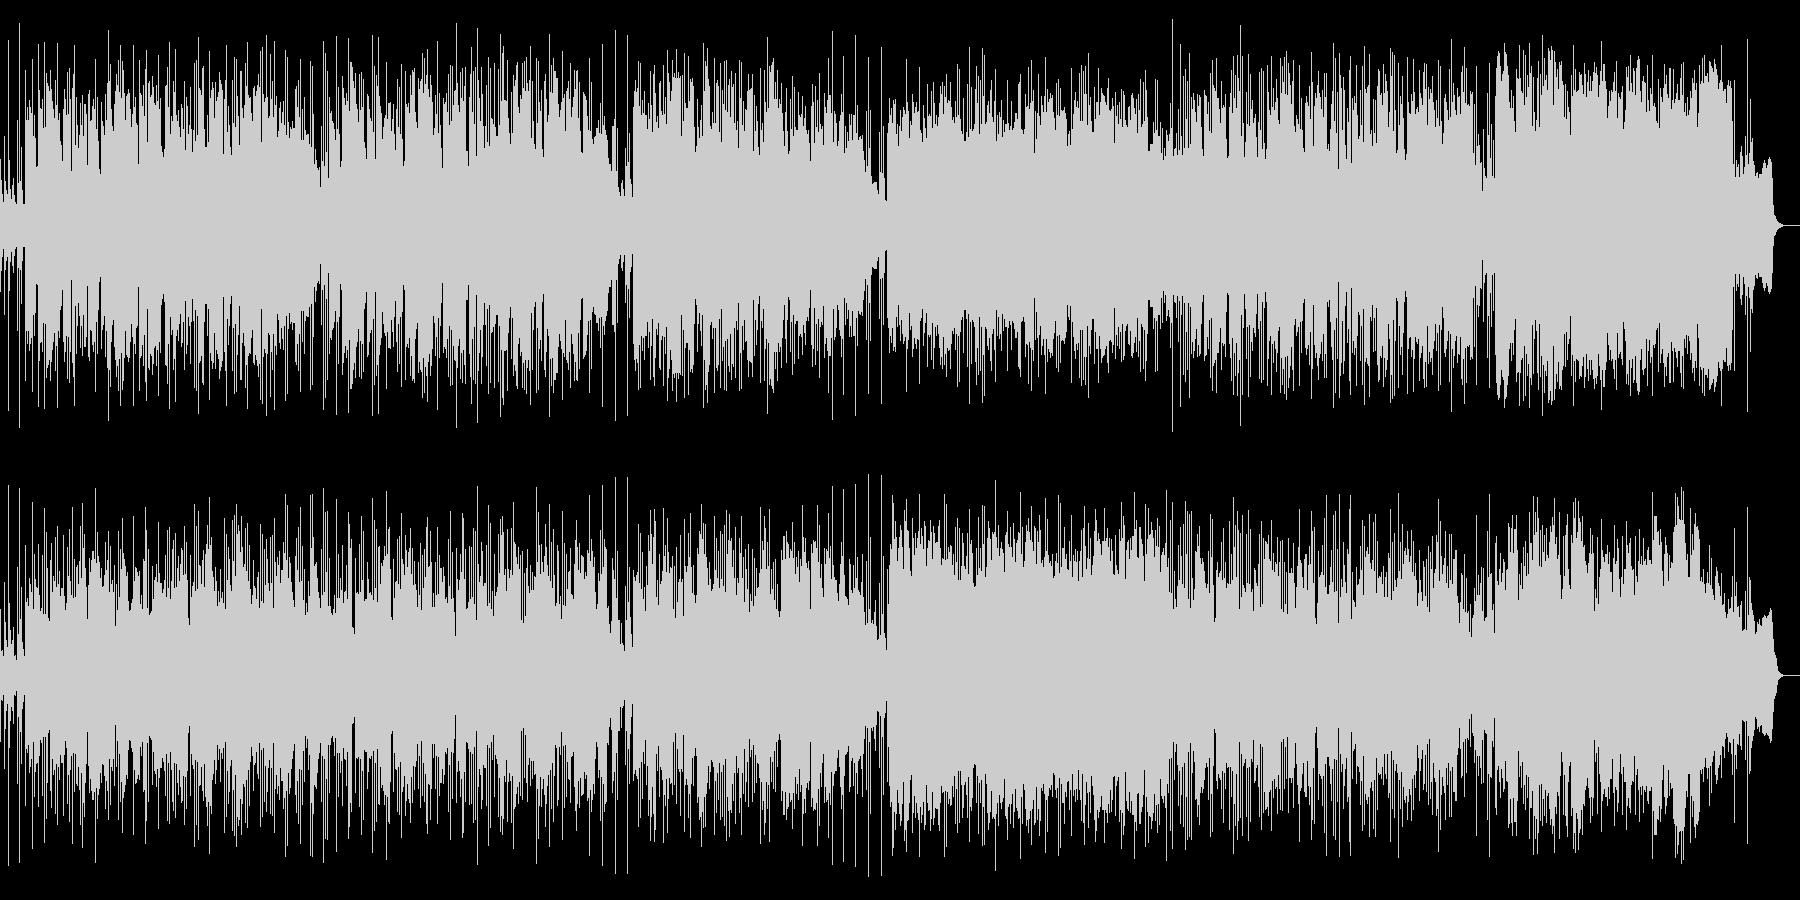 中世ヨーロッパの民族音楽の未再生の波形